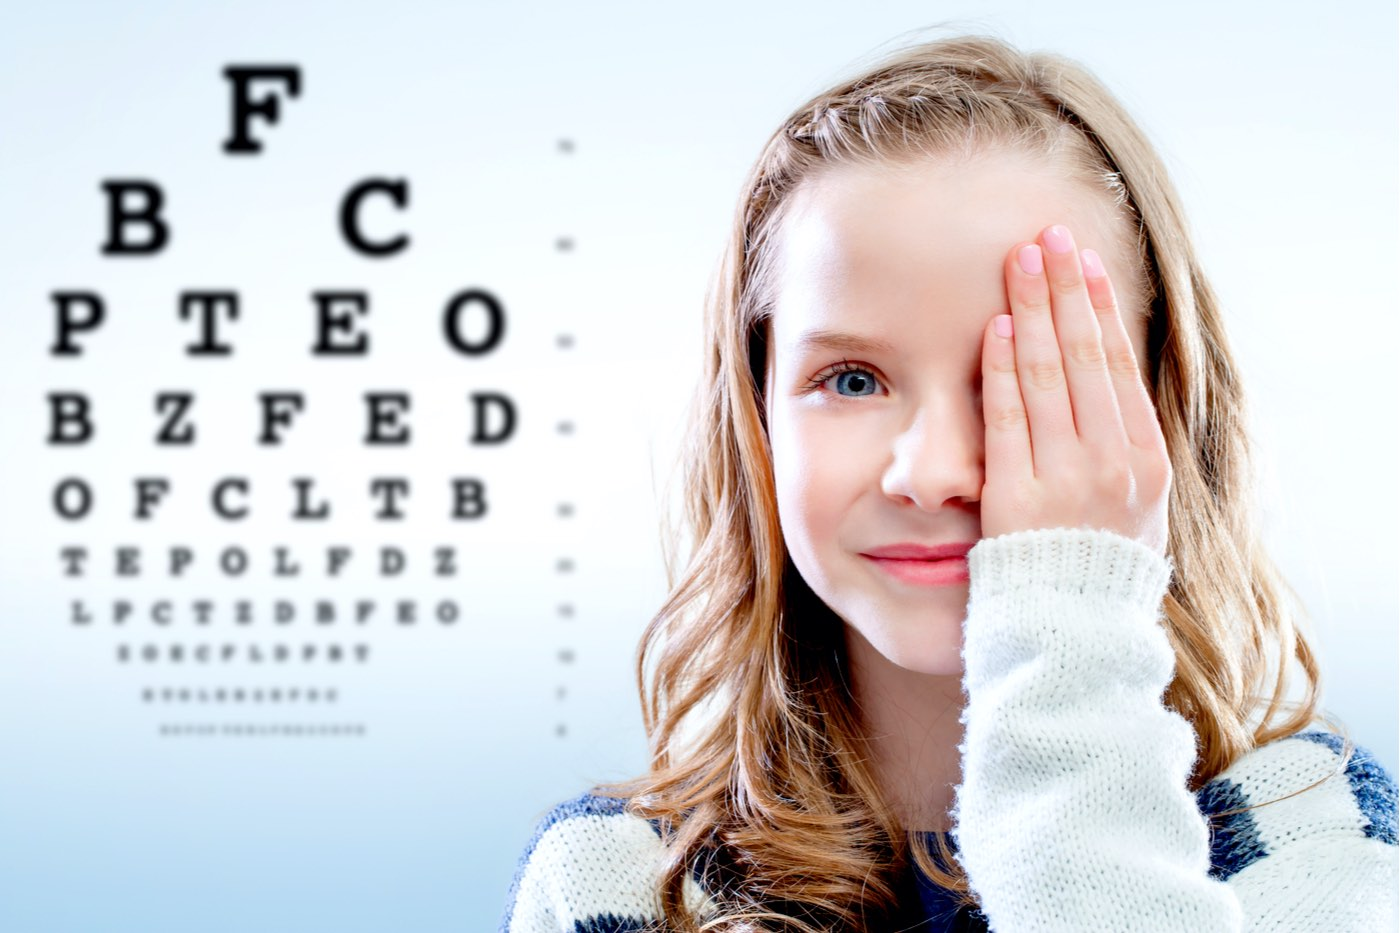 El CGCOO recomienda la regla 20-20-20 para evitar posibles problemas visuales durante el confinamiento